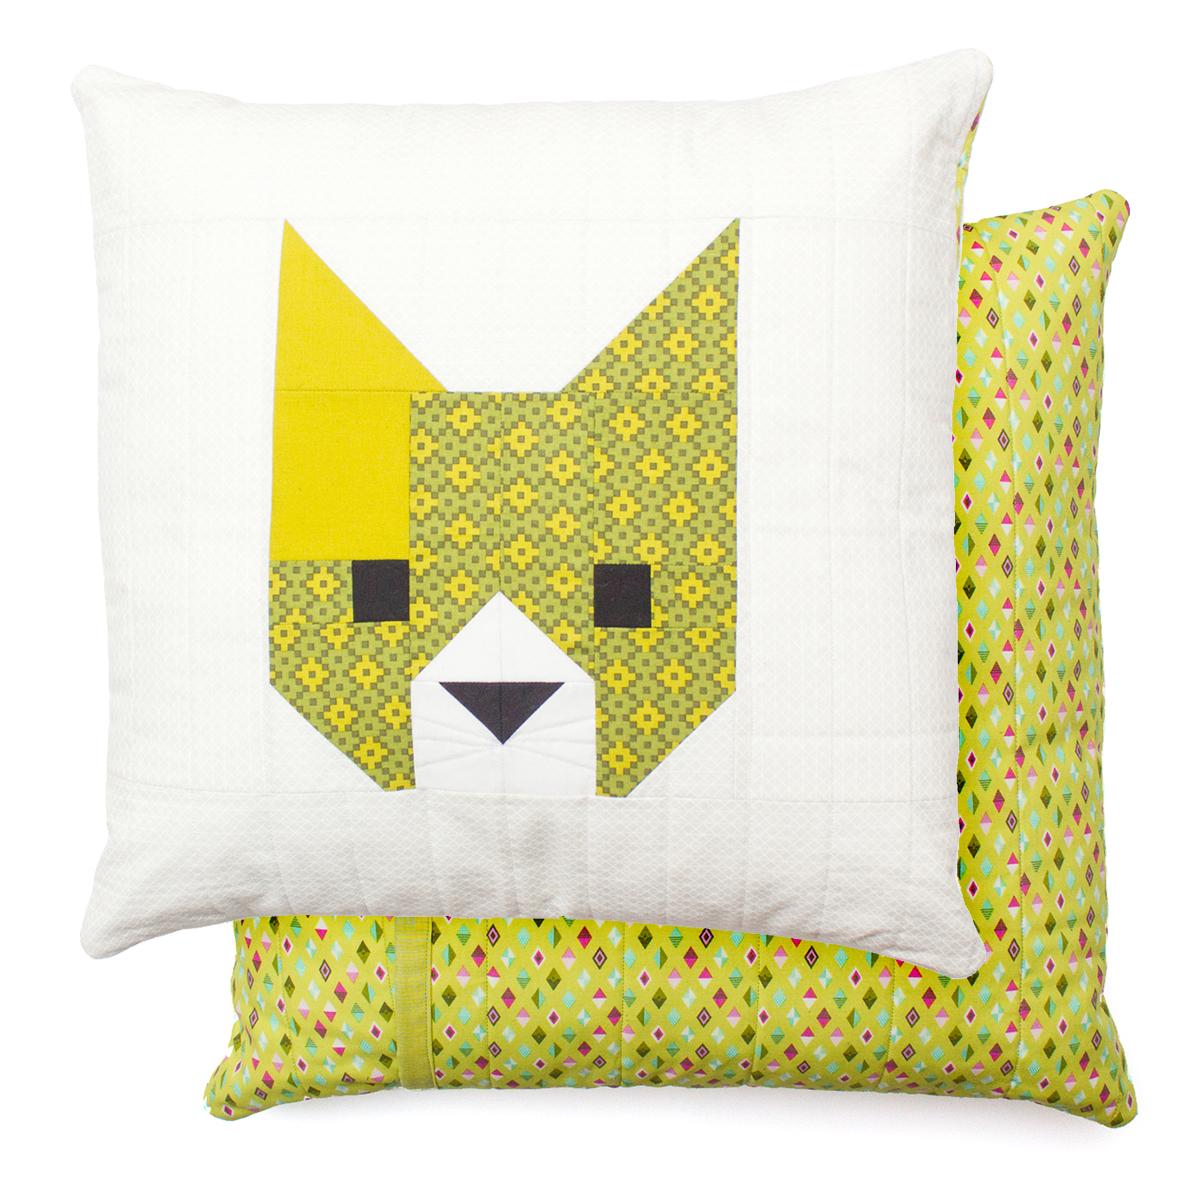 CAT PILLOW Pattern by Elizabeth Hartman